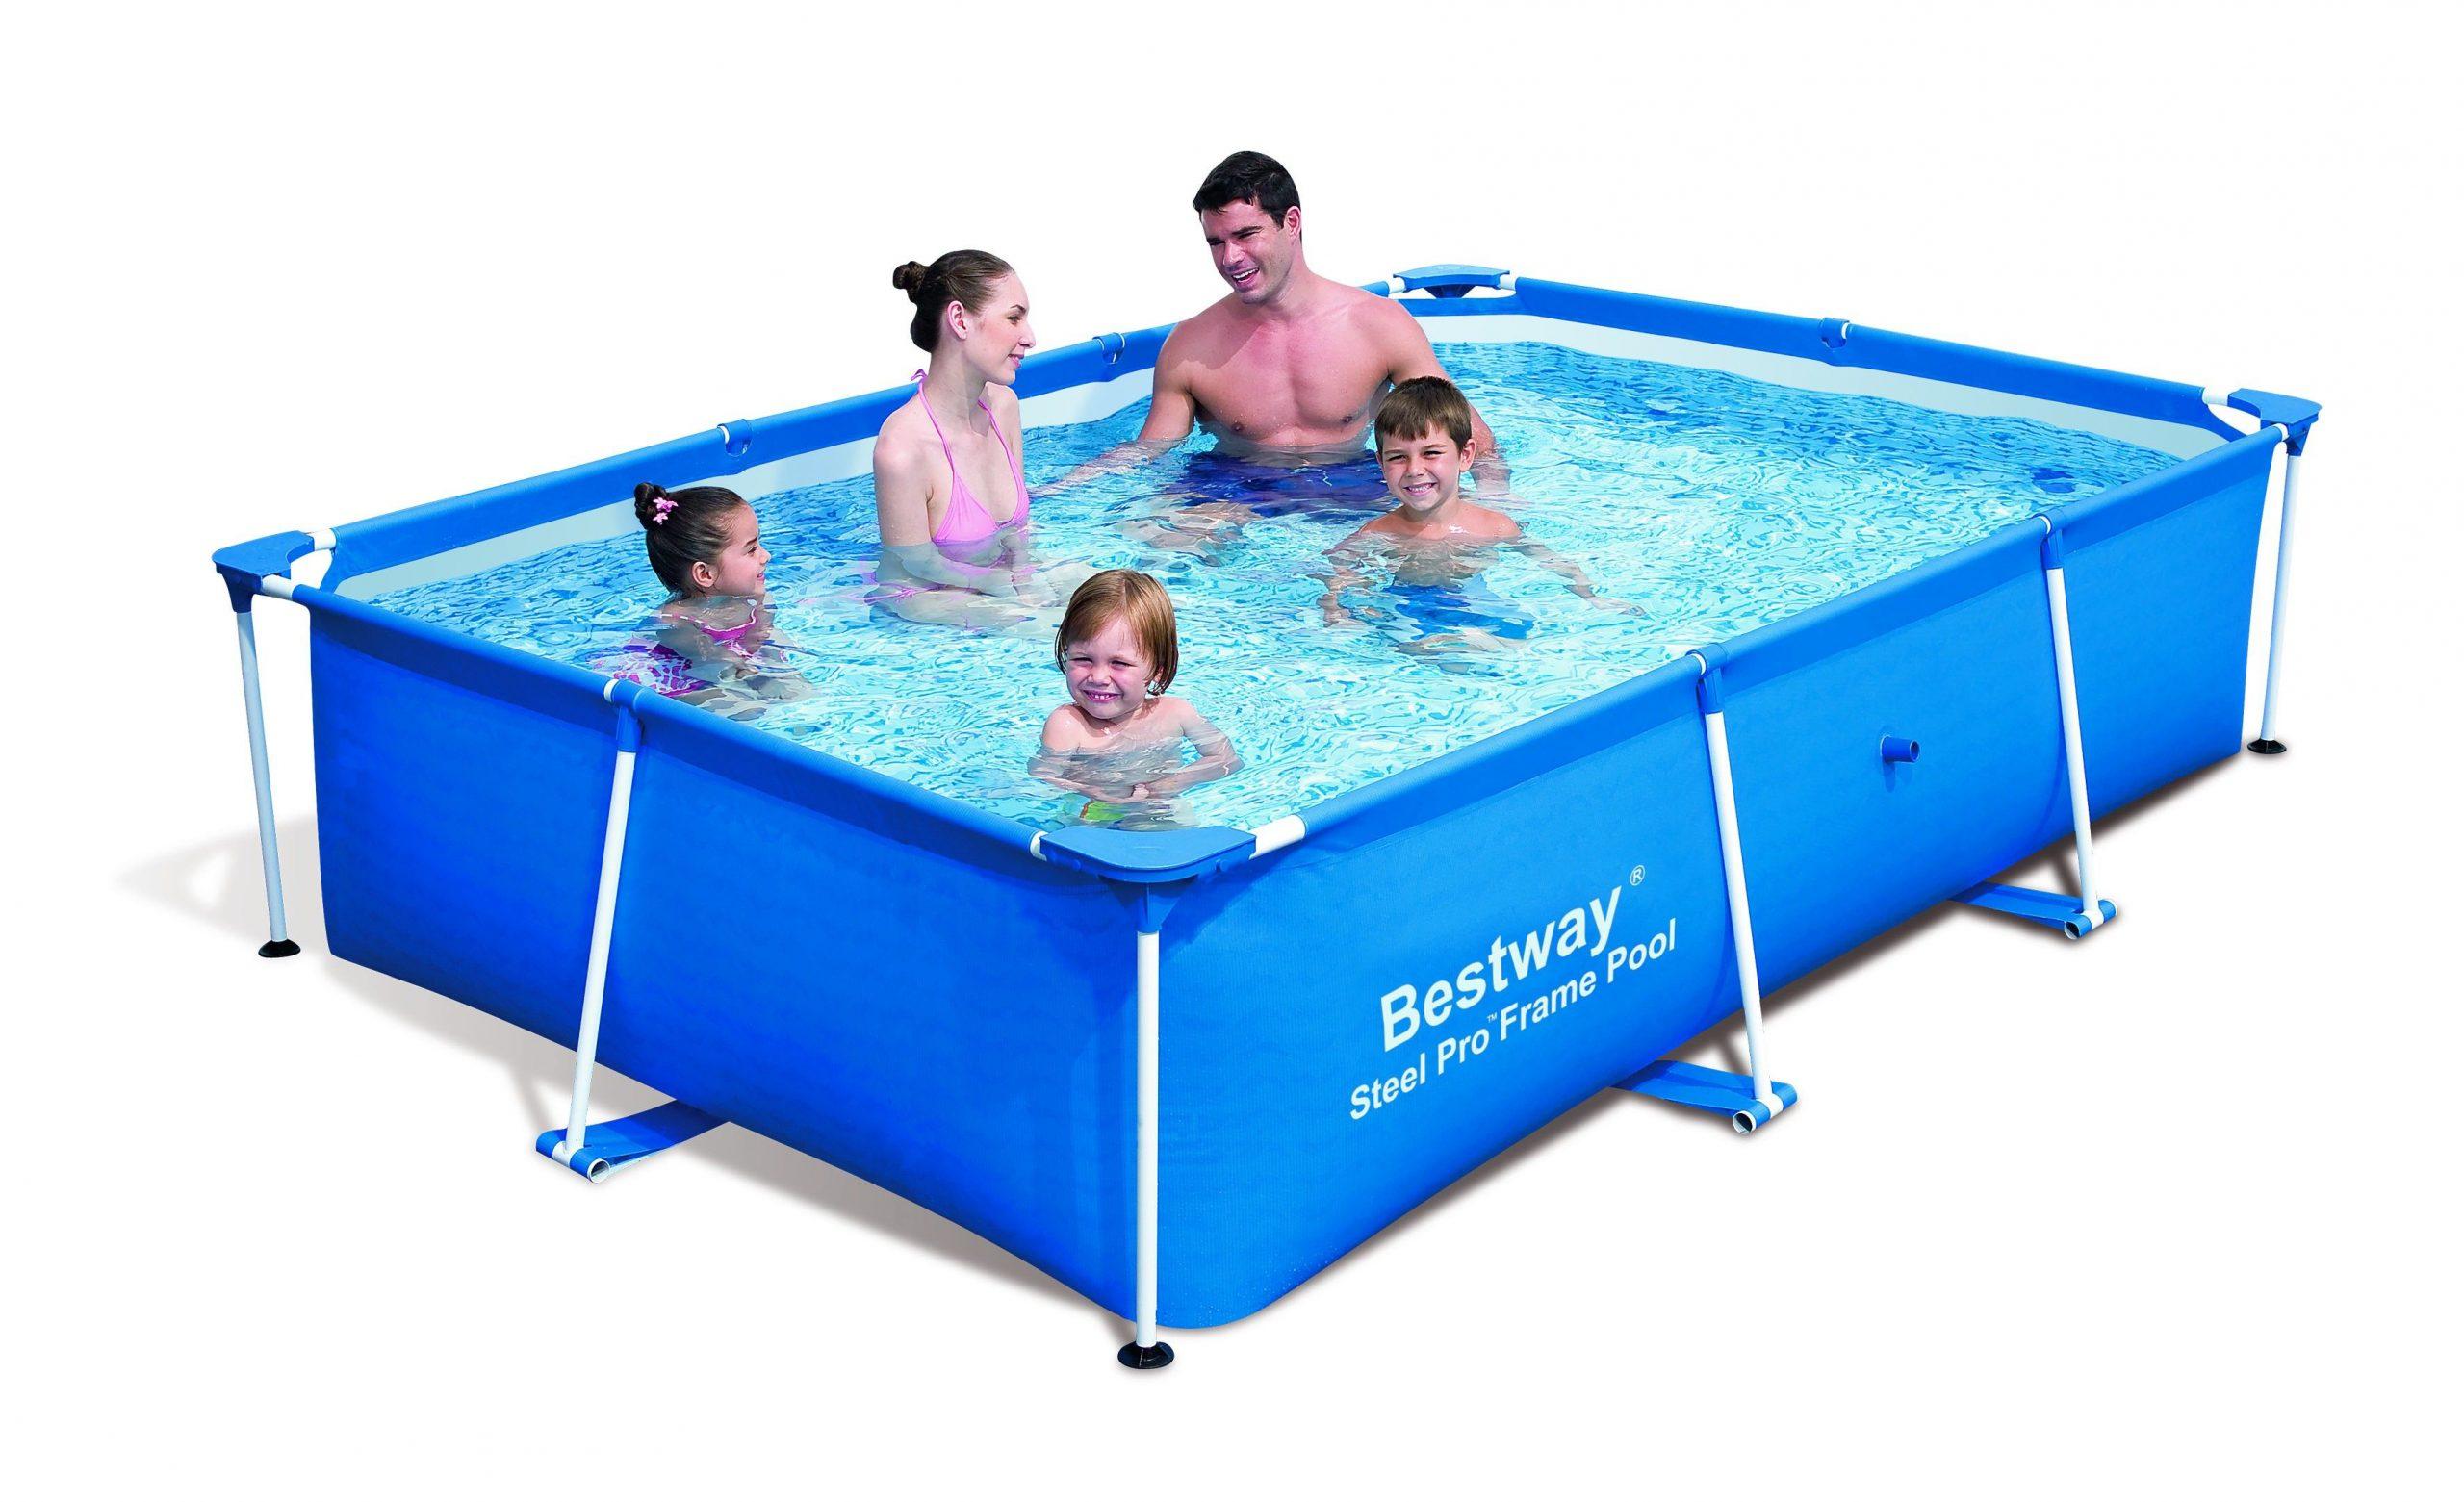 Piscine Rectangulaire Splash Frame Pools Bleue Au Meilleur ... serapportantà Piscine Tubulaire Cdiscount